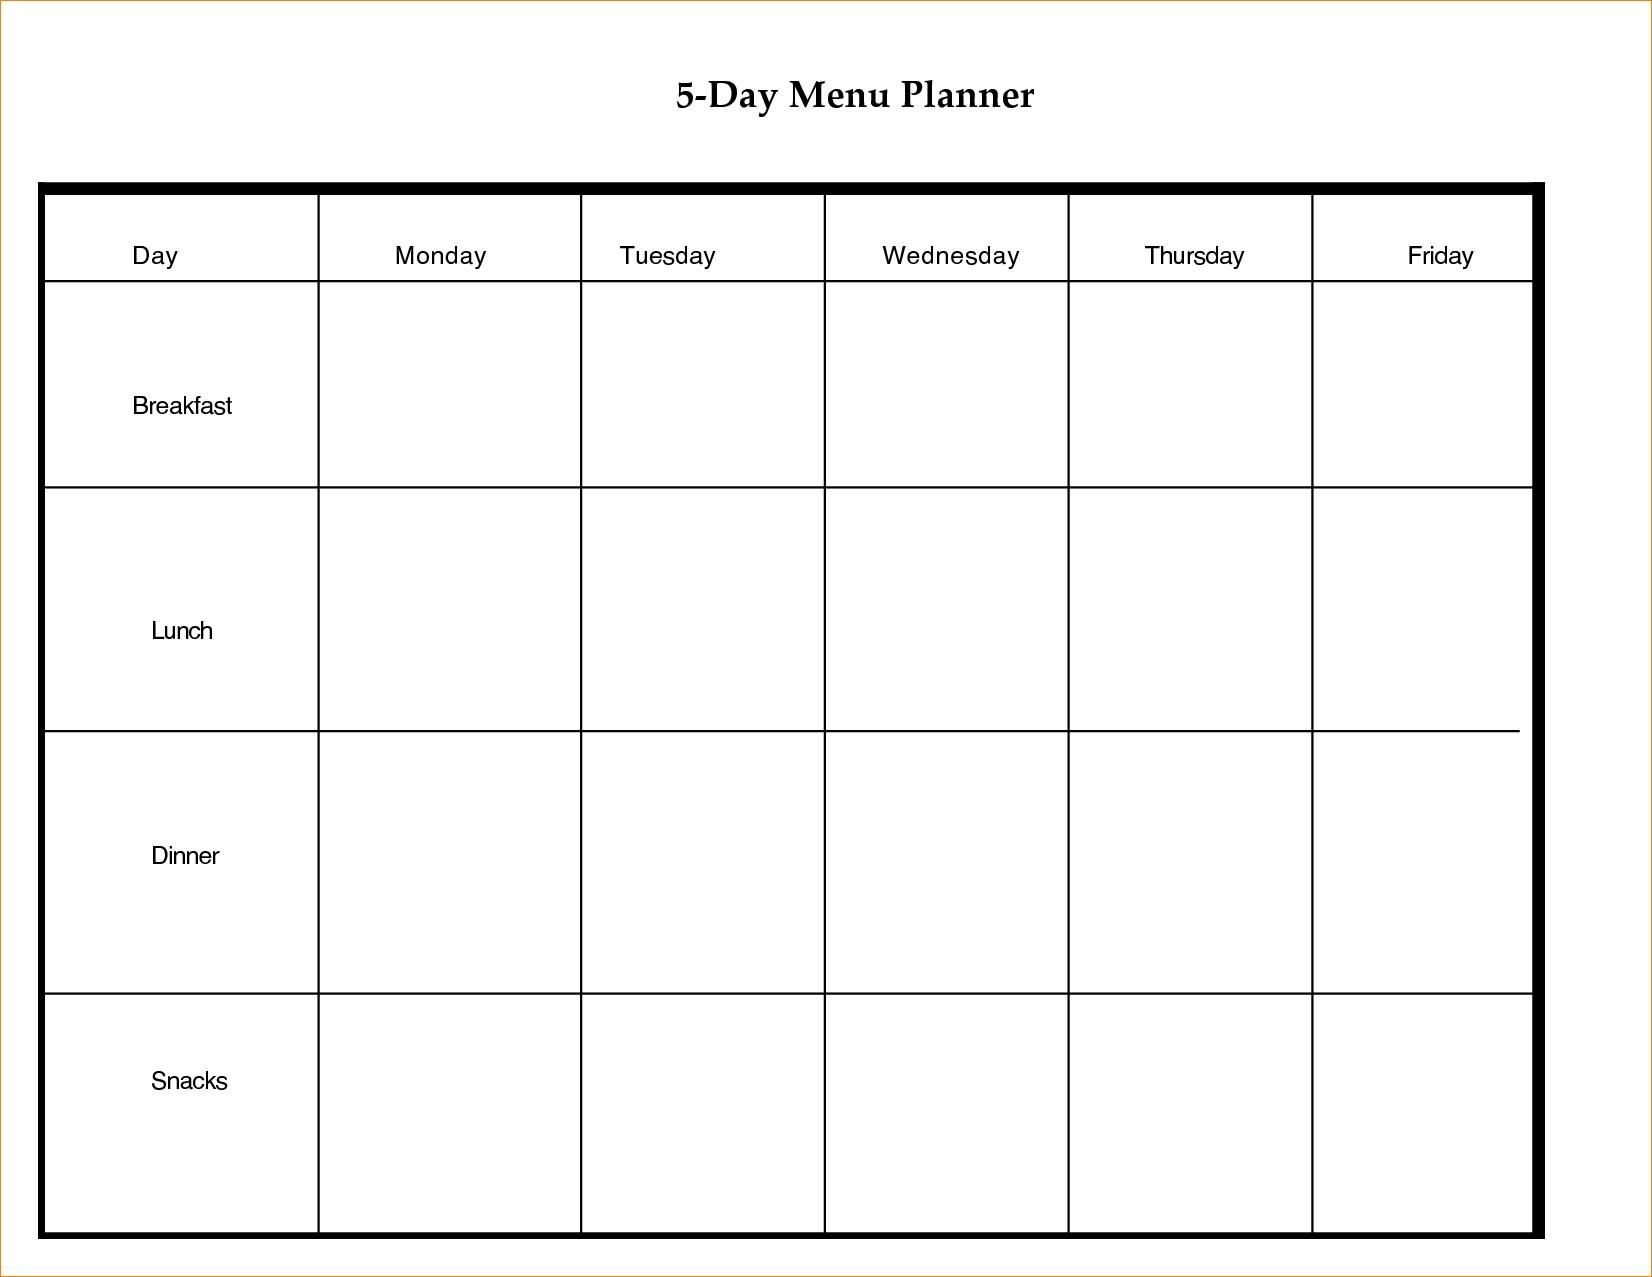 Printable 5 Day Calendar Blank Calendar Template 5 Day Week 0 8 With with regard to Week By Week Calendar Printable